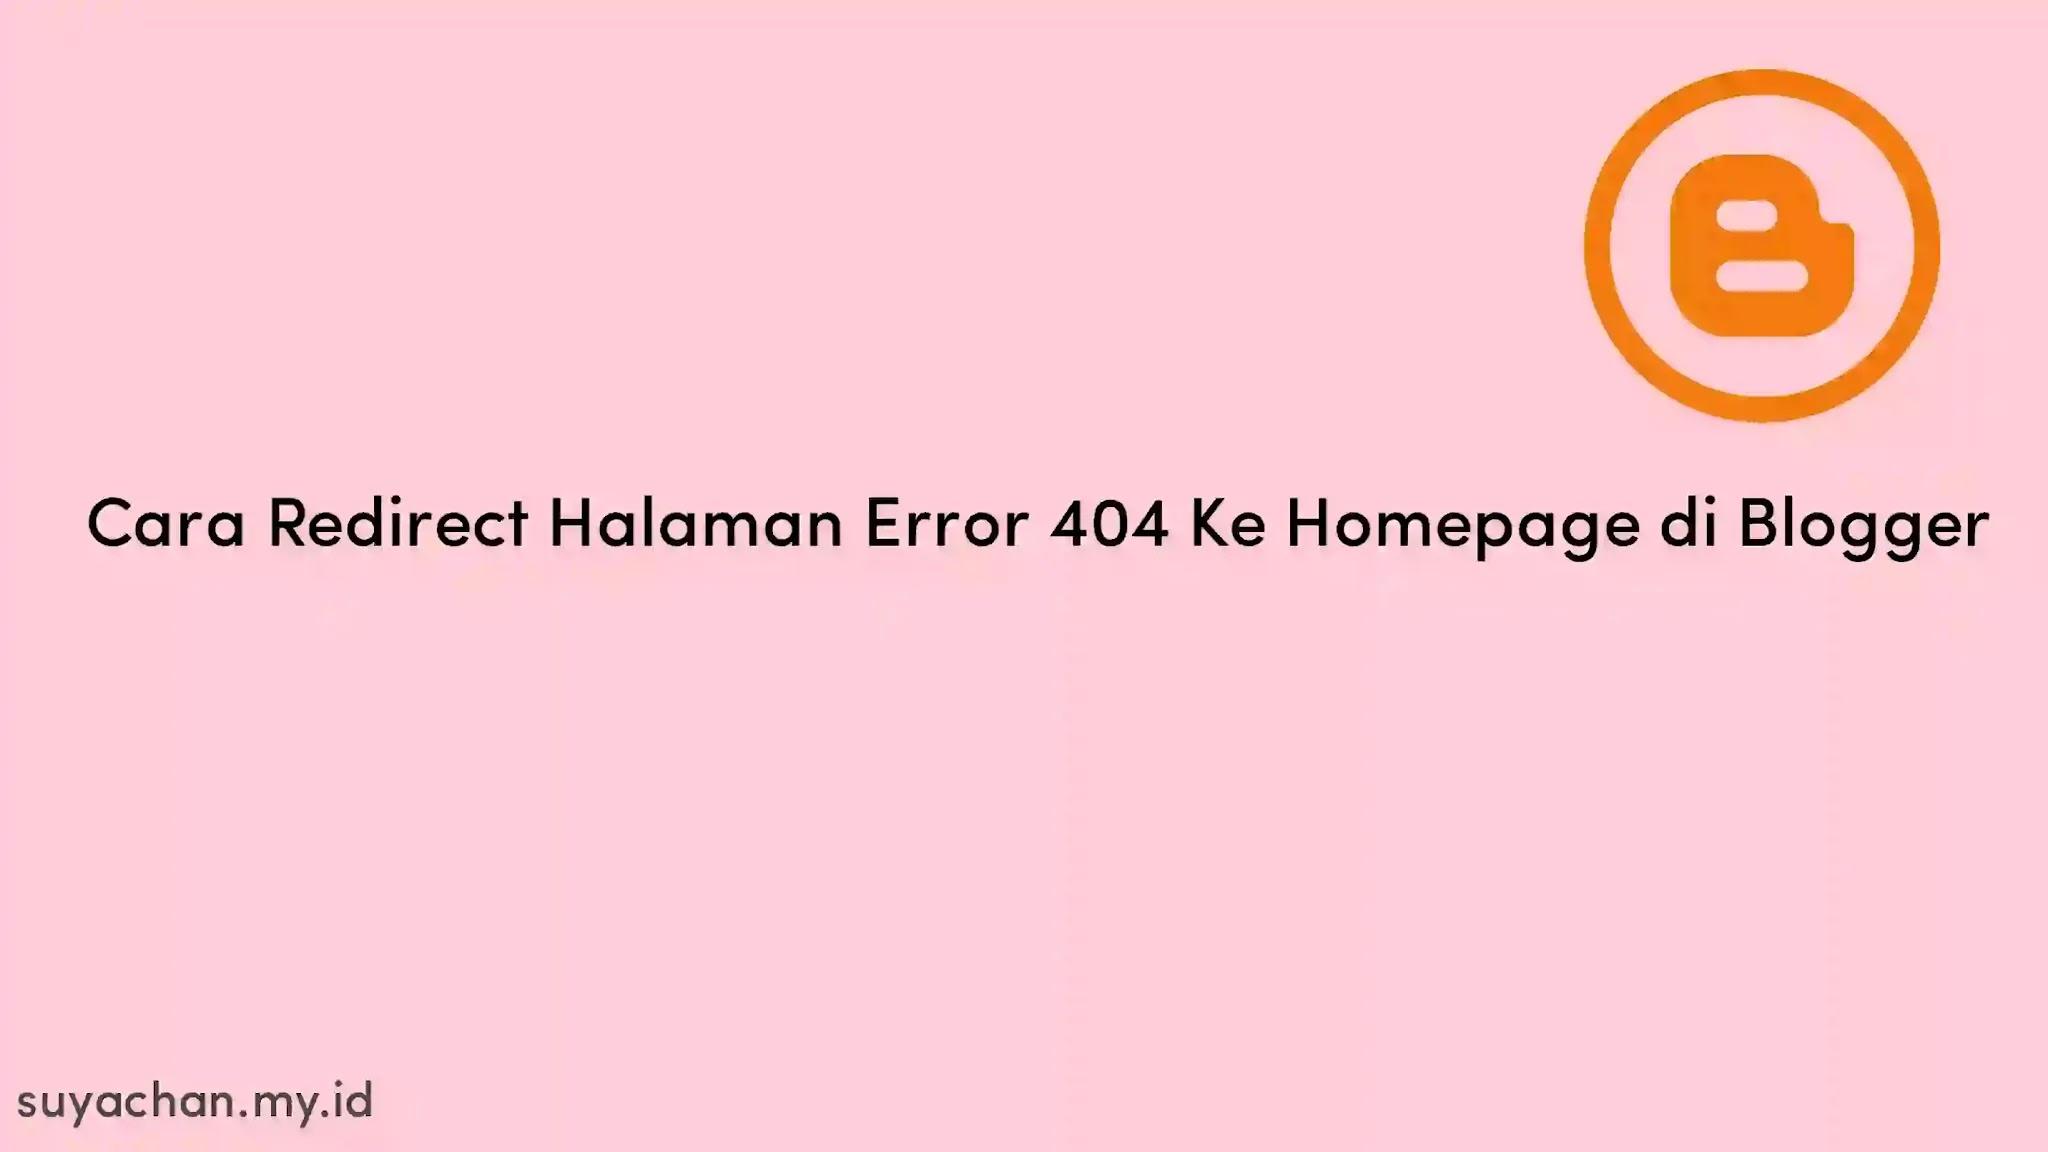 Cara Redirect Halaman Error 404 Ke Homepage di Blogger